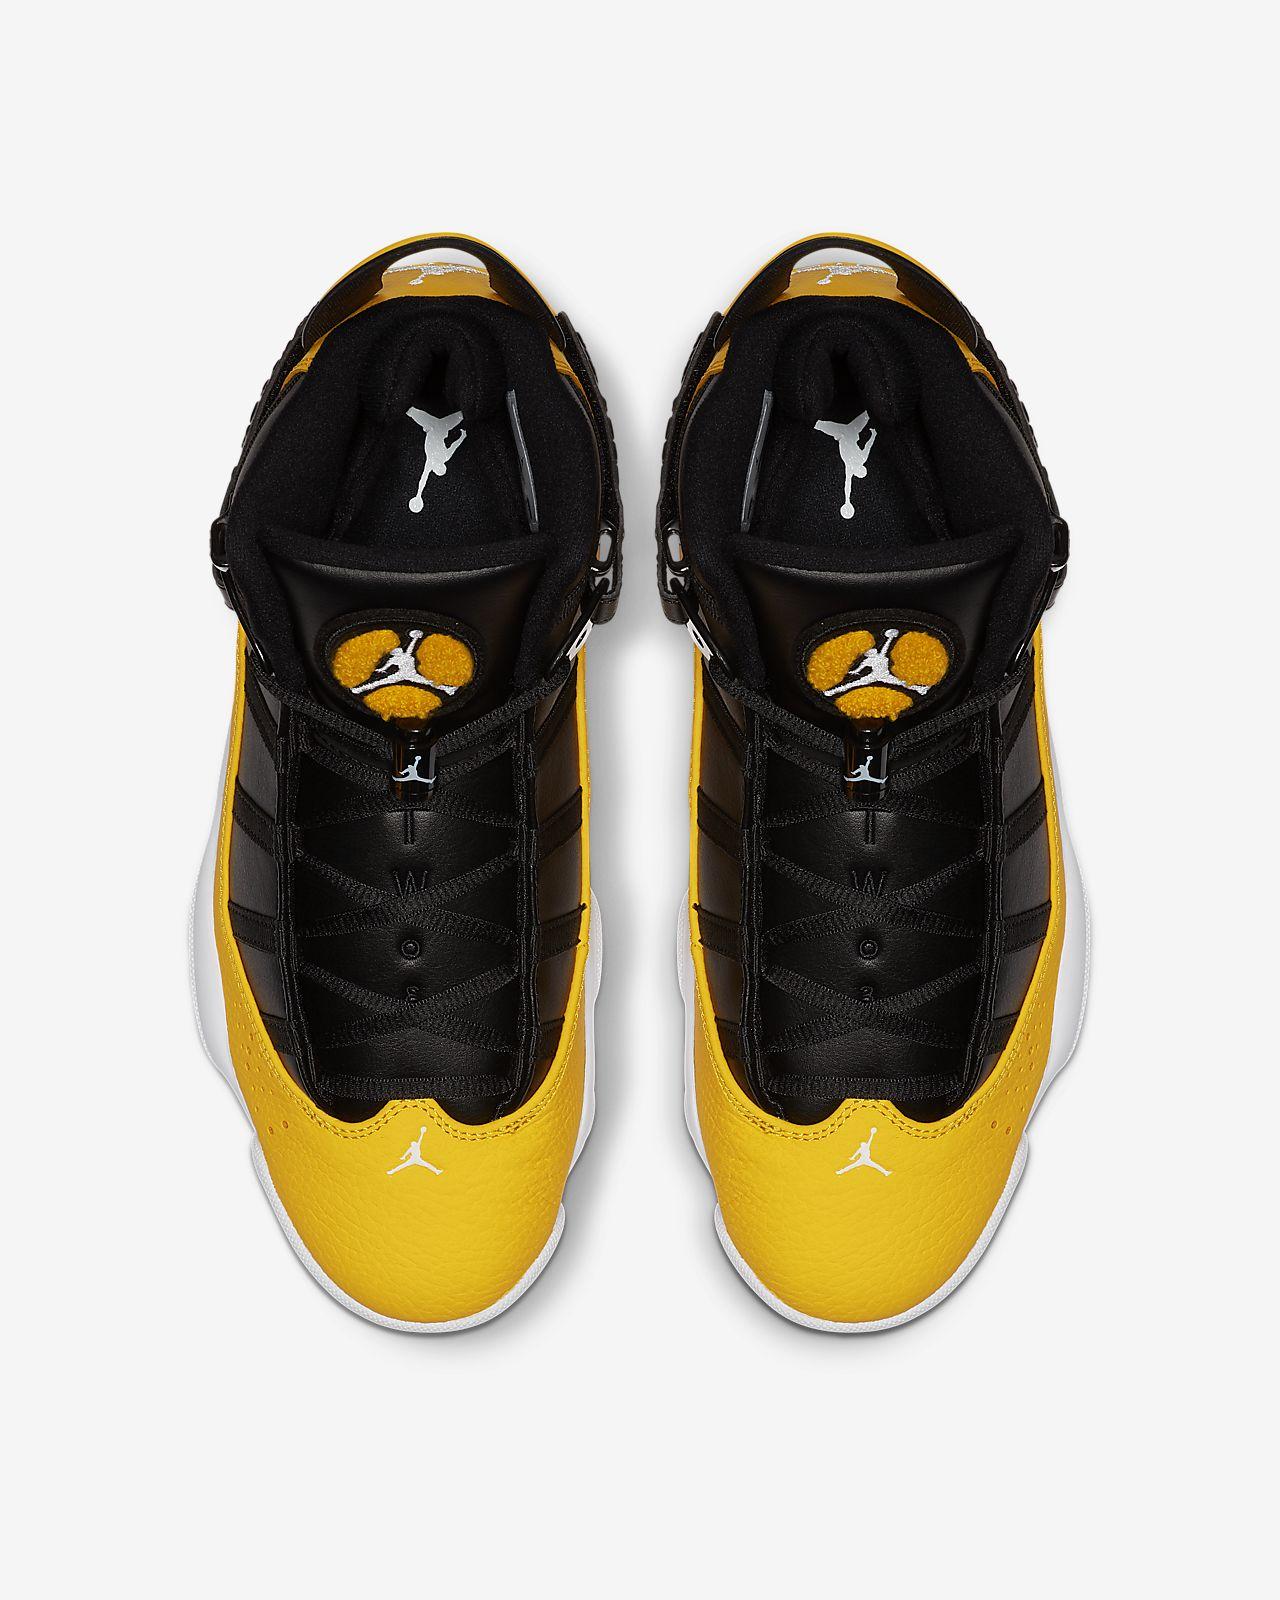 Buty męskie Jordan 6 Rings